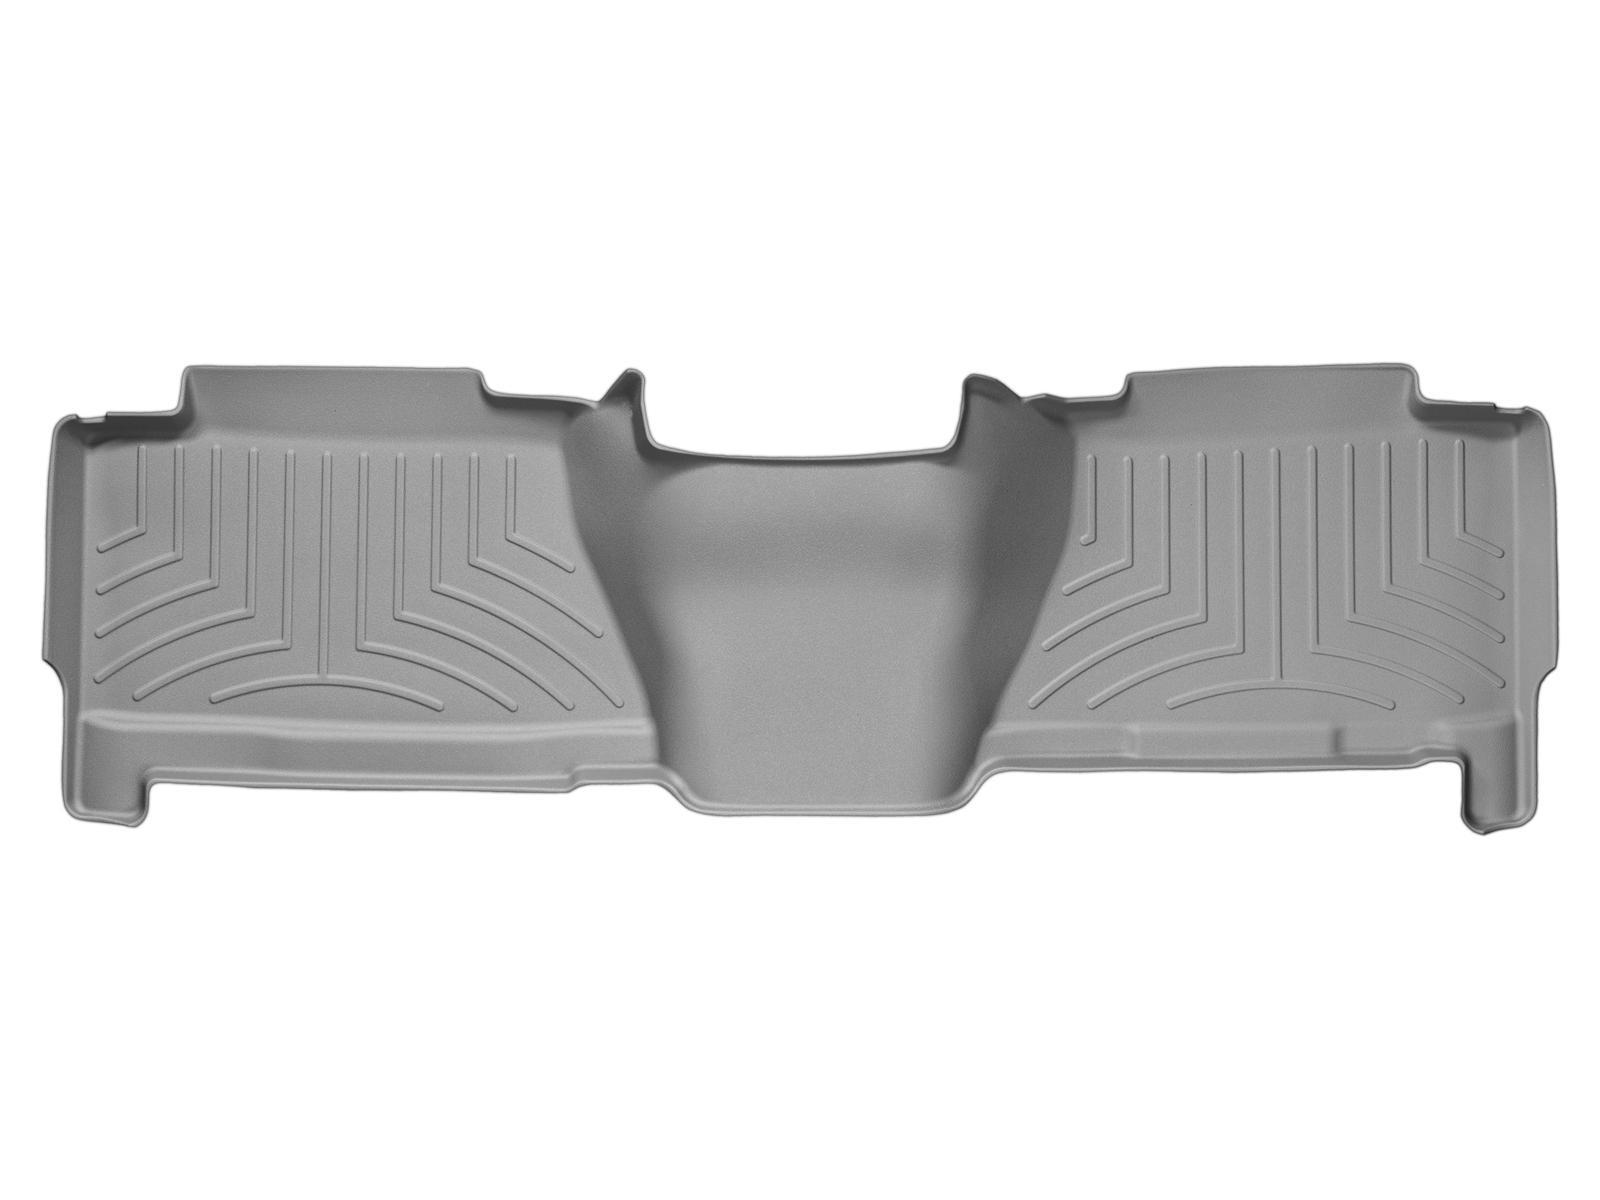 Tappeti gomma su misura bordo alto Chevrolet Silverado 07>07 Grigio A161